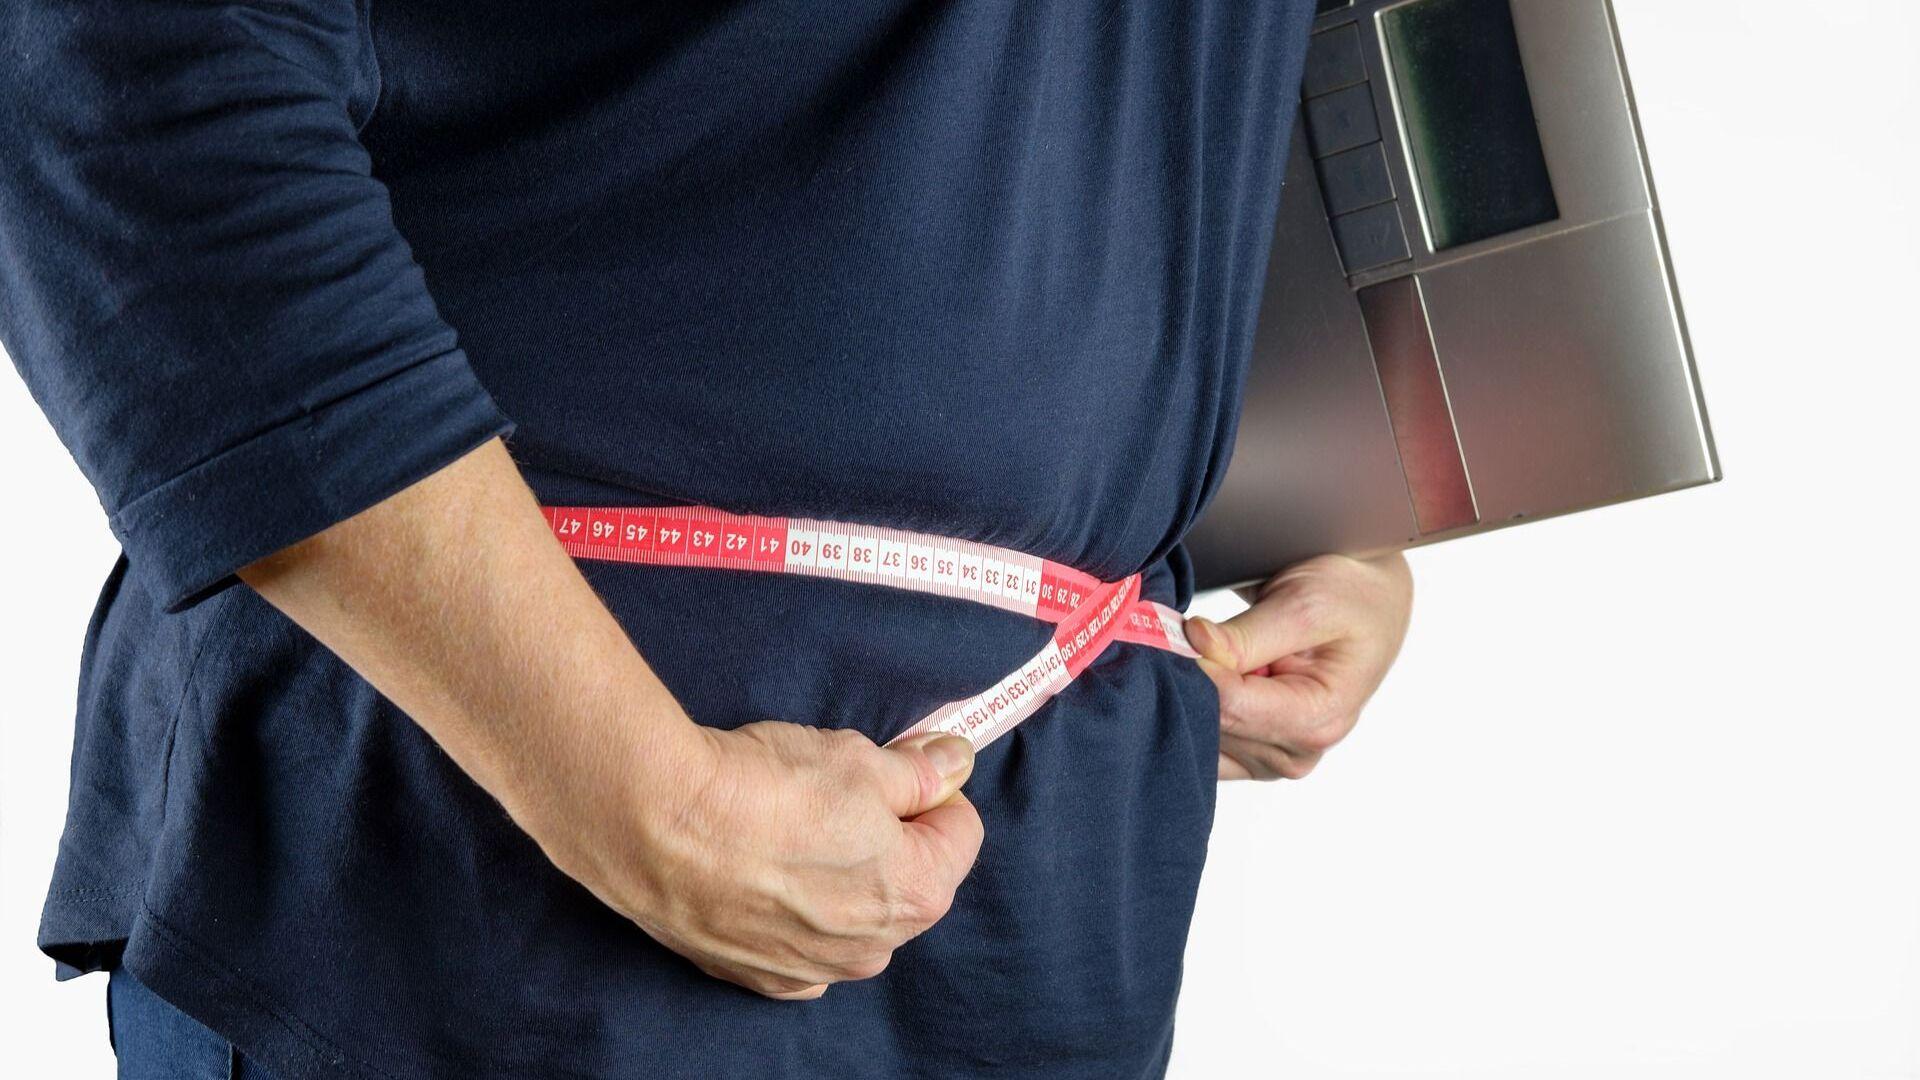 Una persona mide la circunferencia de su cintura con una cinta métrica - Sputnik Mundo, 1920, 13.06.2021